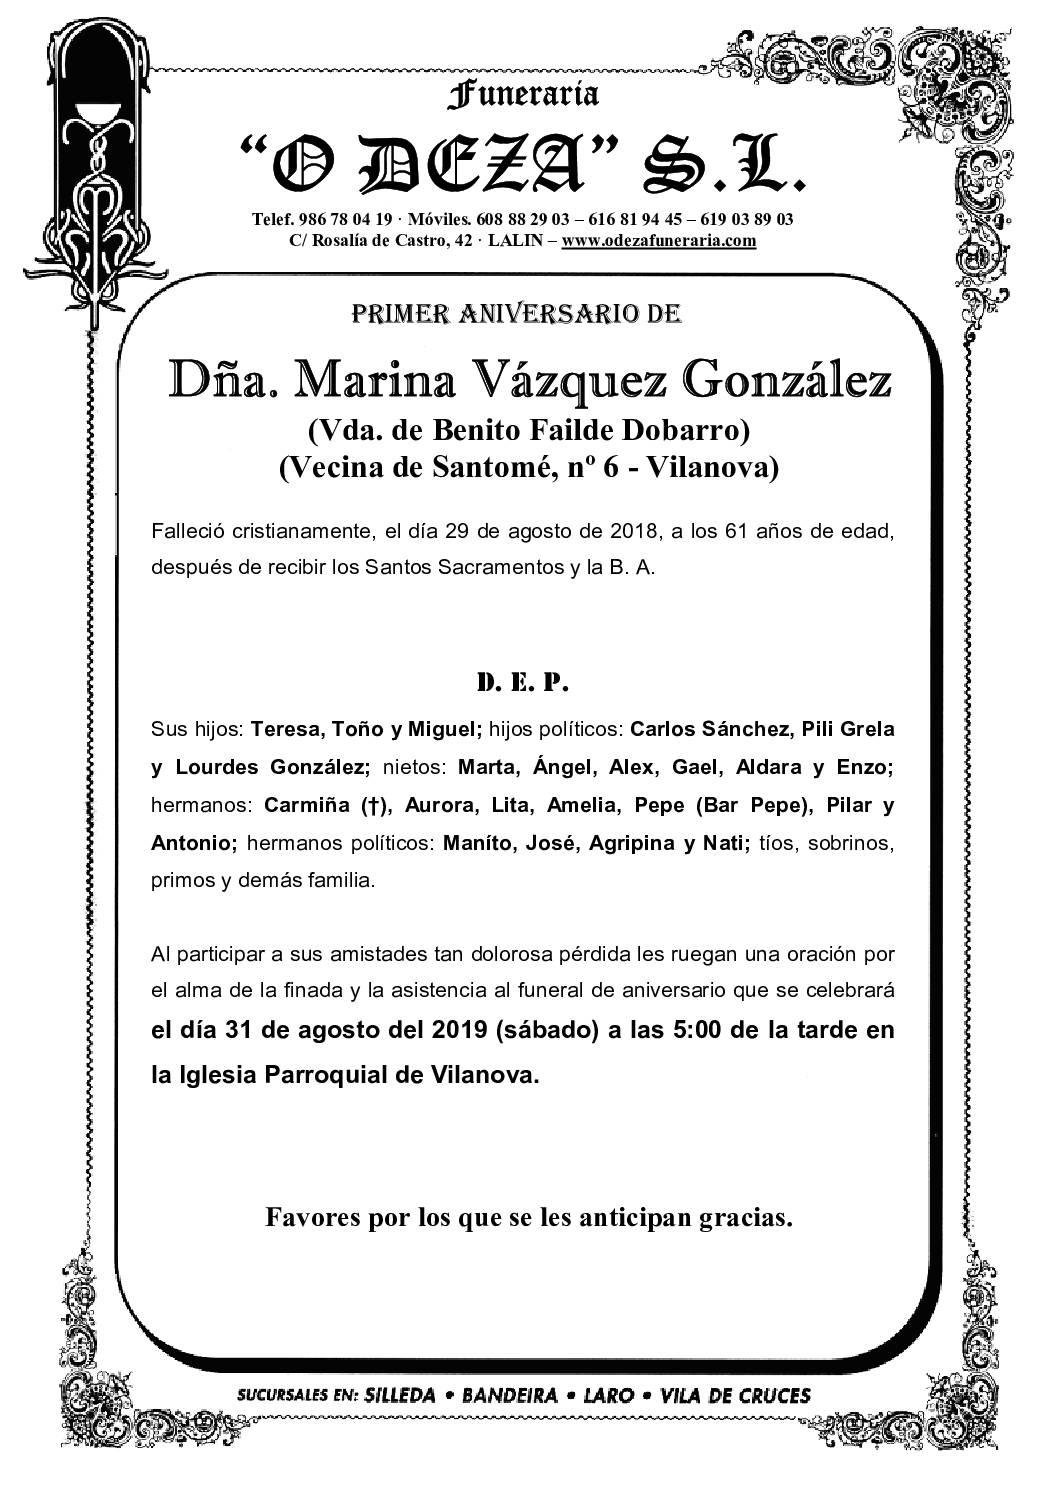 DÑA. MARINA VÁZQUEZ GONZÁLEZ